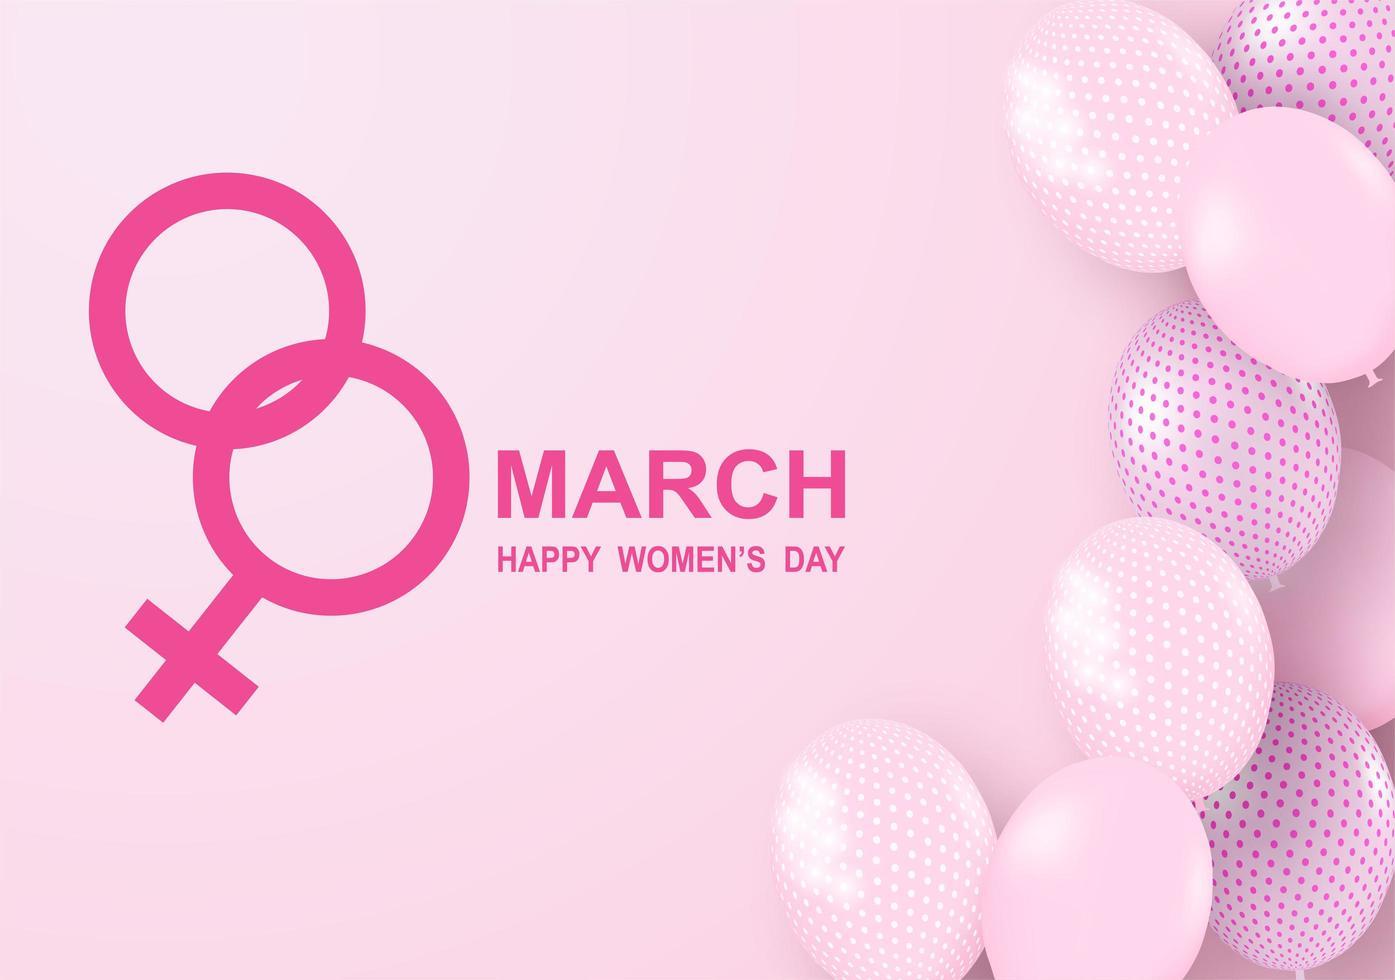 Design per la festa della donna con palloncini rosa e simbolo femminile vettore